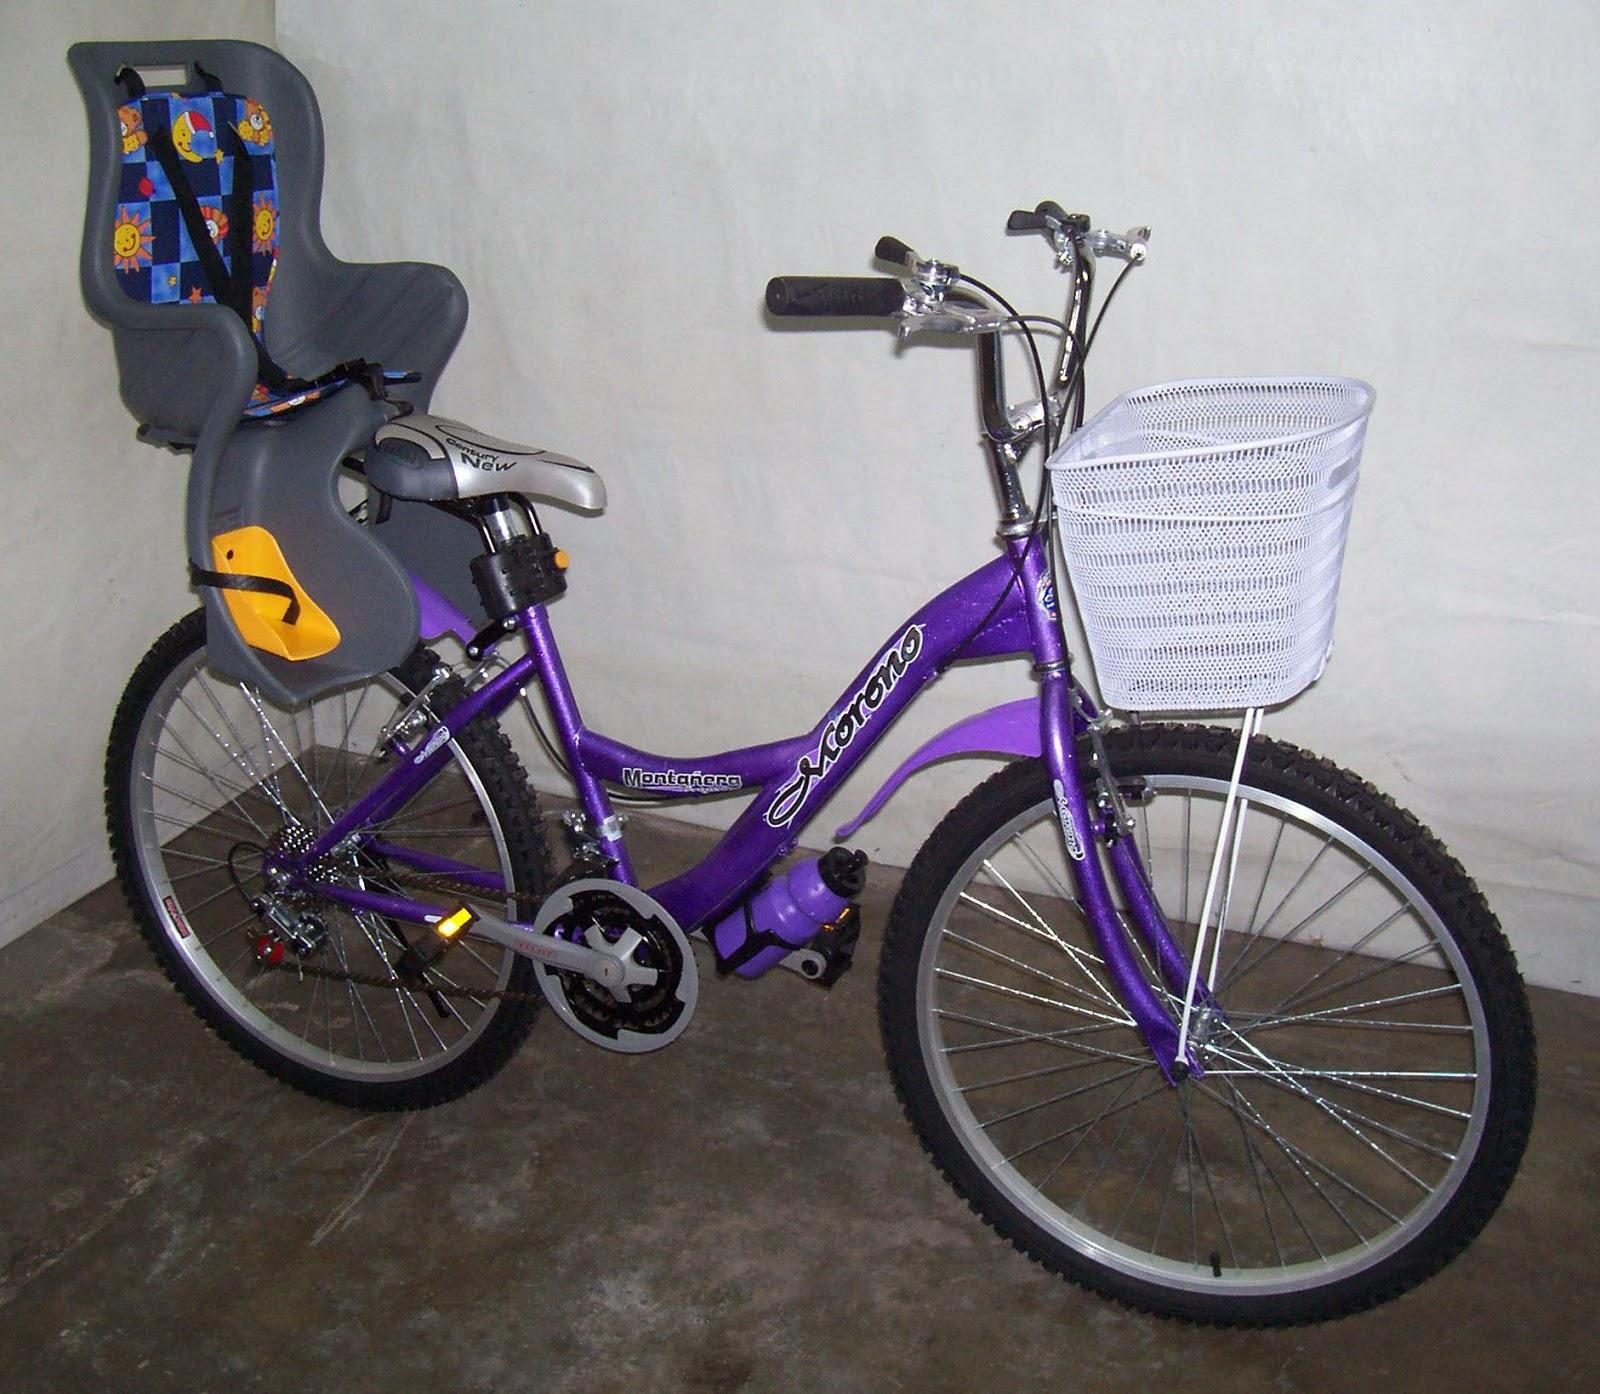 Silla Porta Bebe Pra Bicicleta Made In Taiwan  S 17900